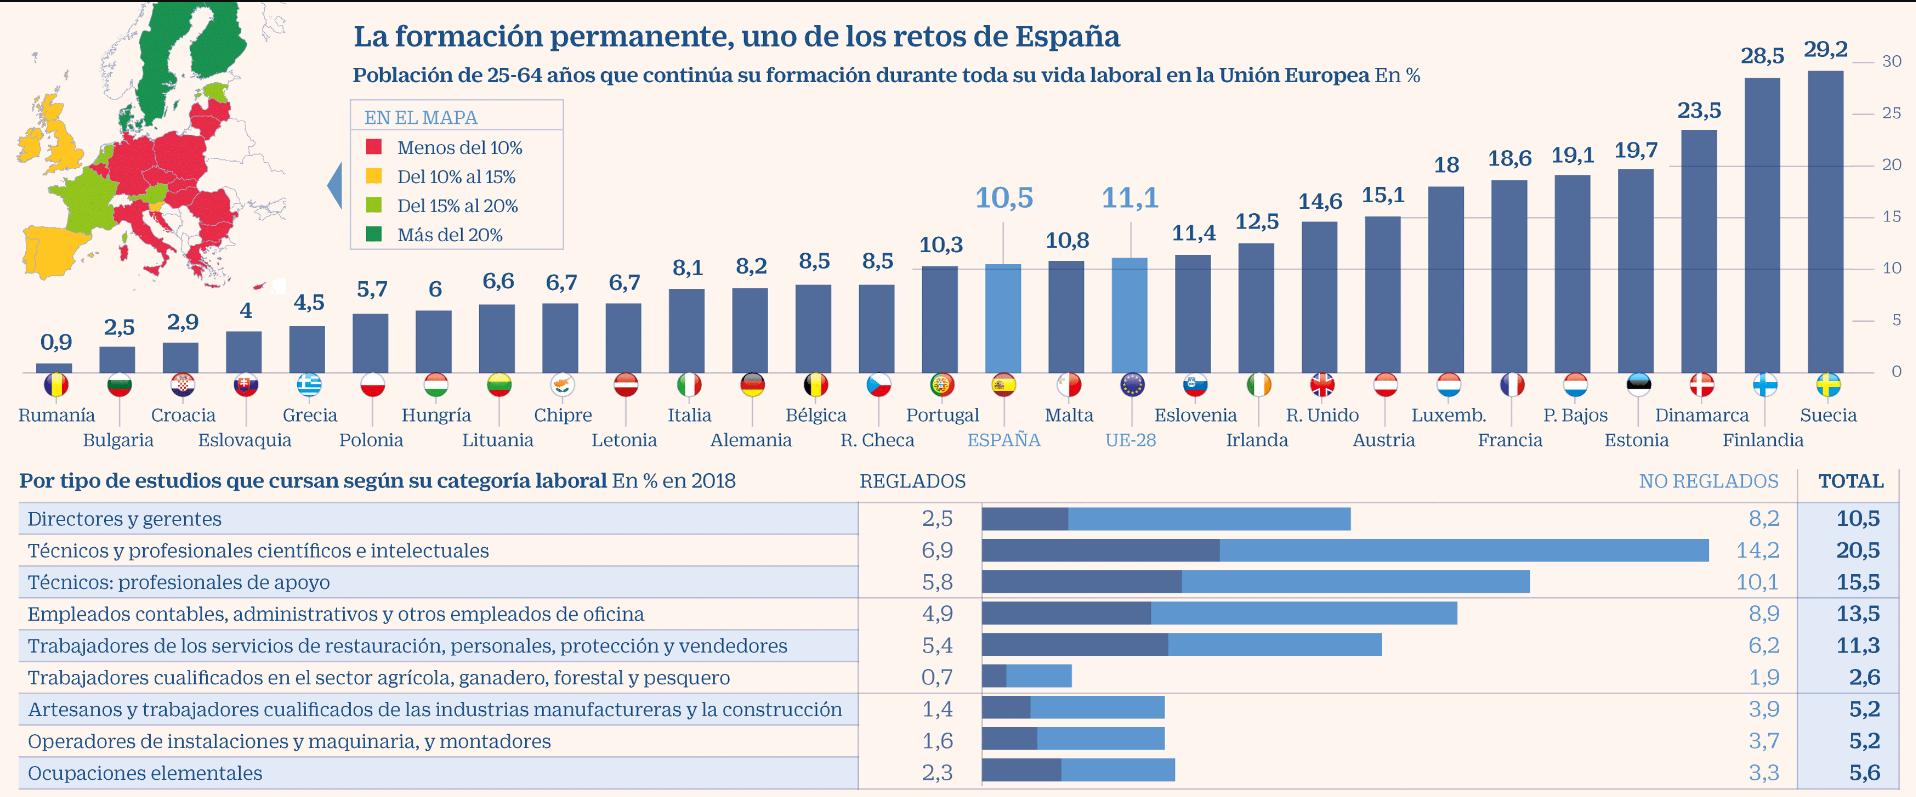 Formación continua, la tarea pendiente de los profesionales españoles